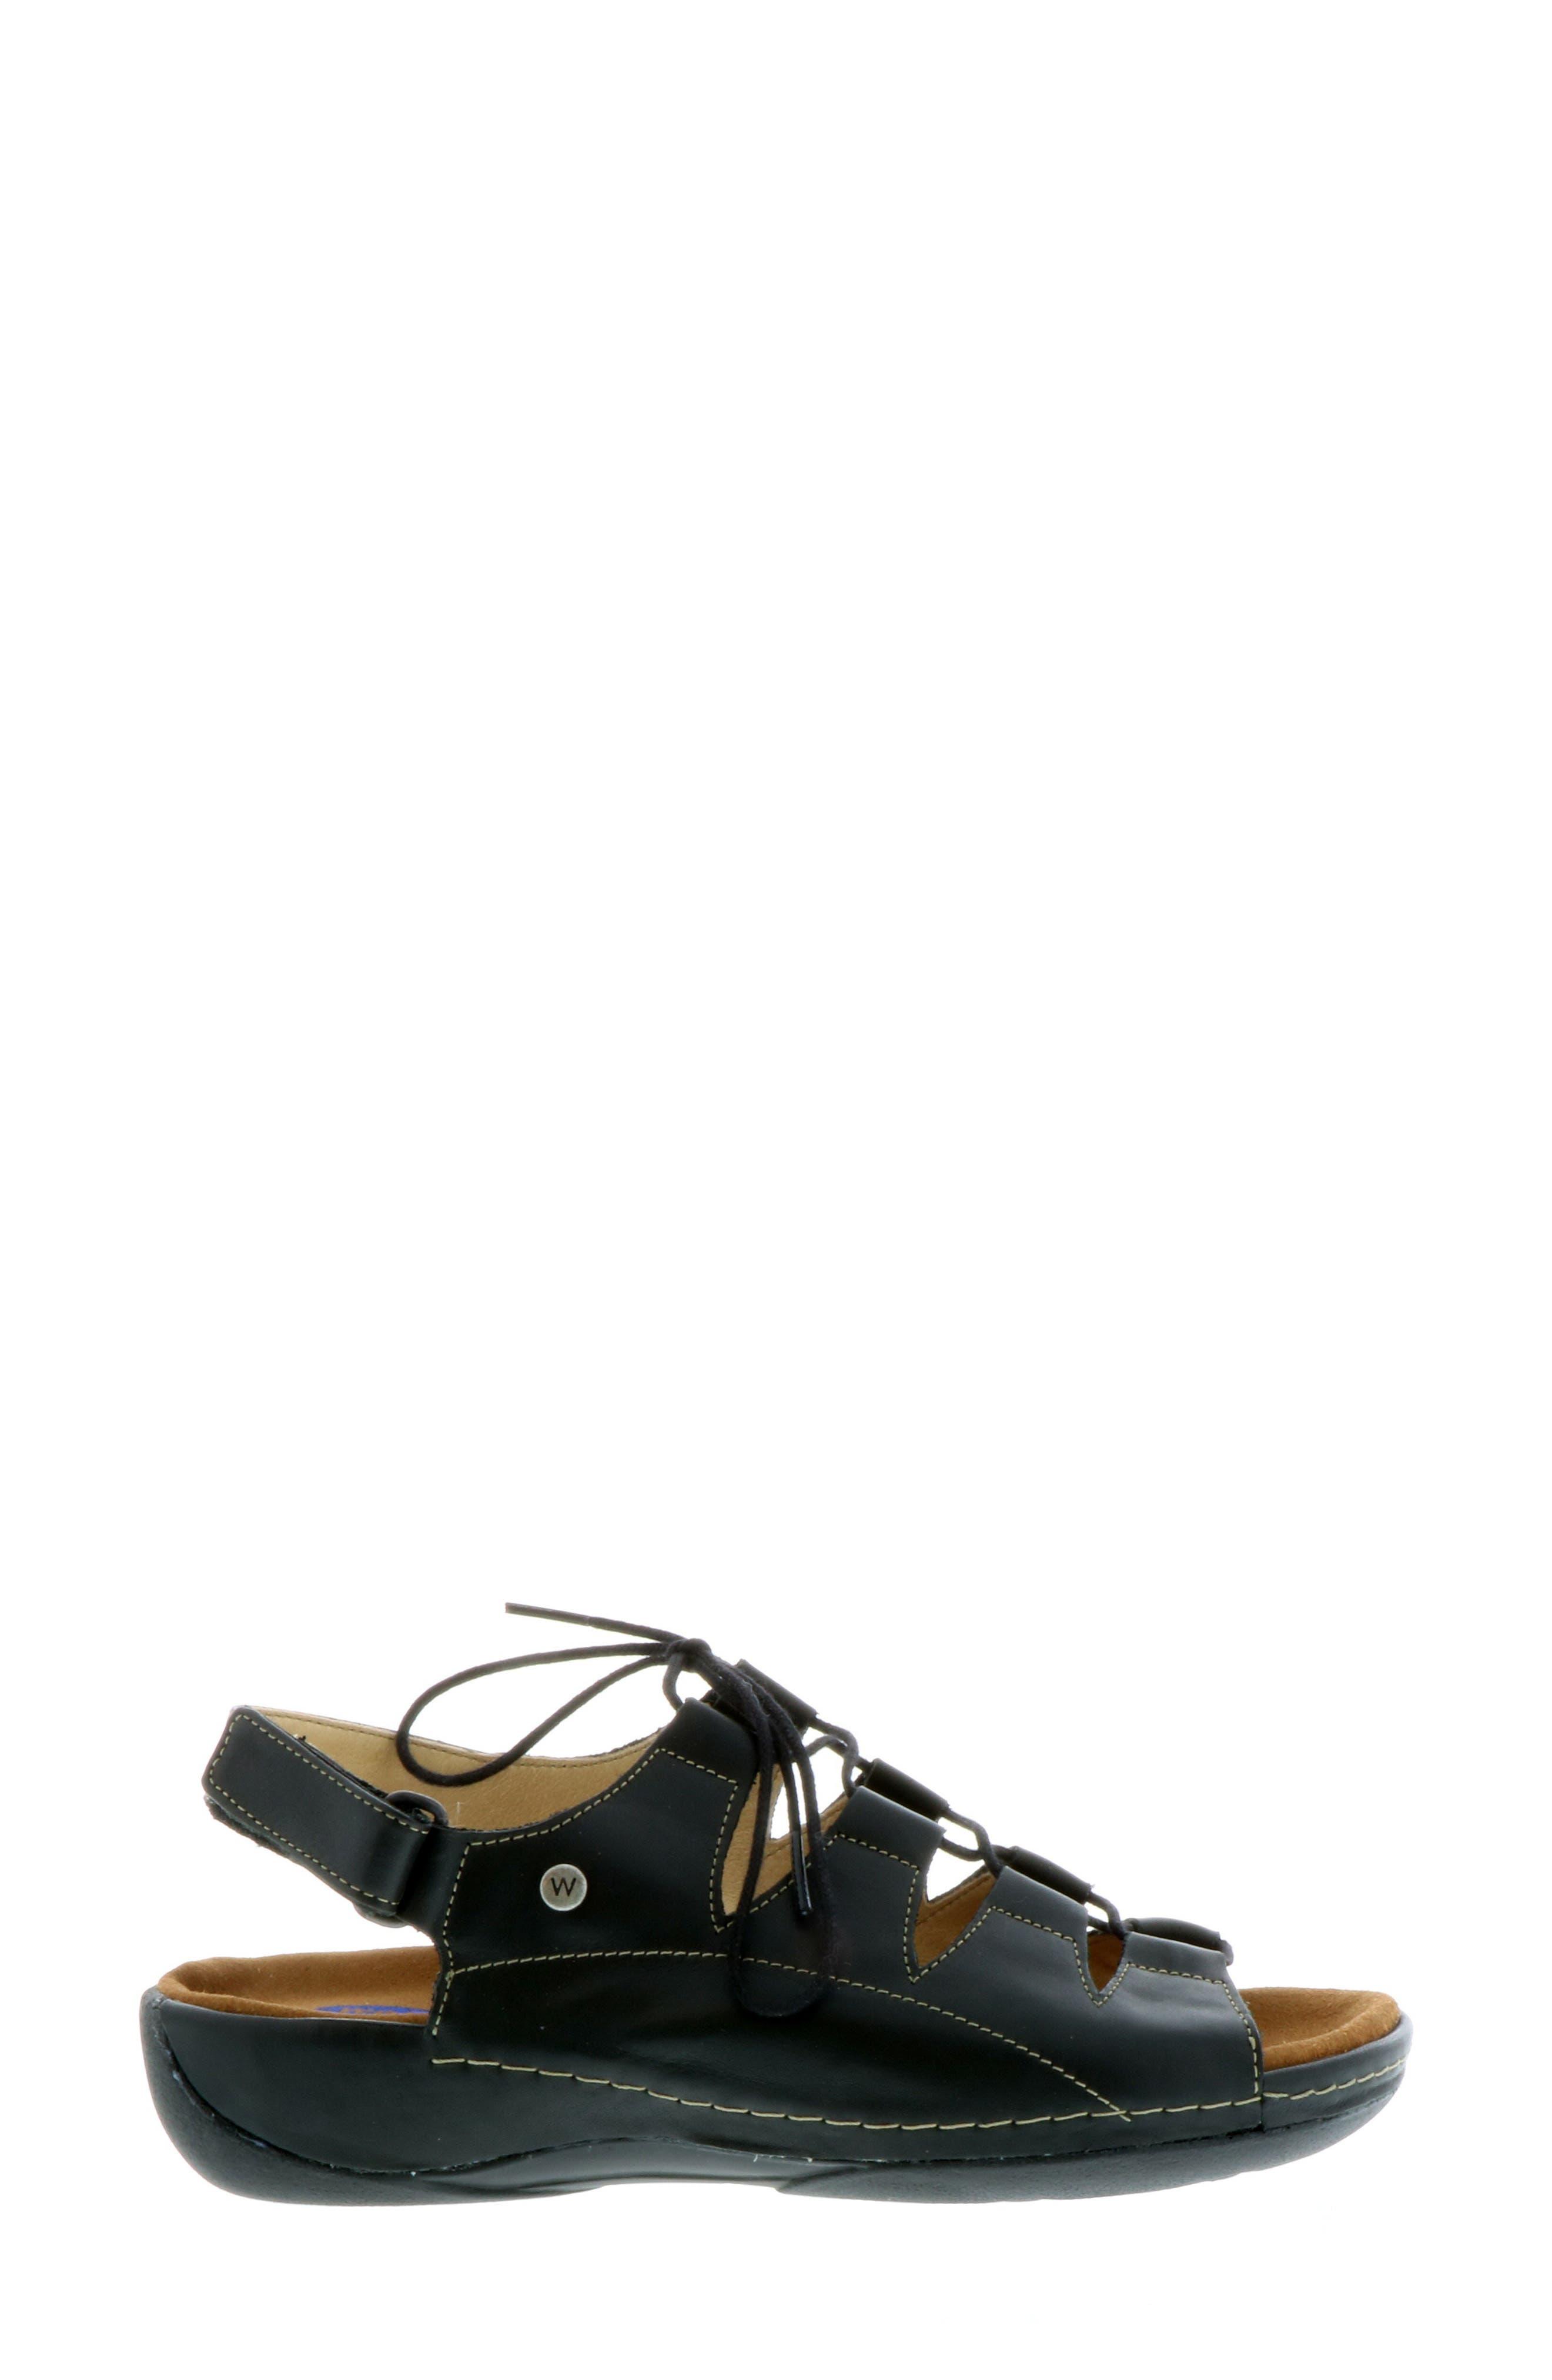 Kite Lace-Up Sandal,                             Alternate thumbnail 3, color,                             BLACK LEATHER